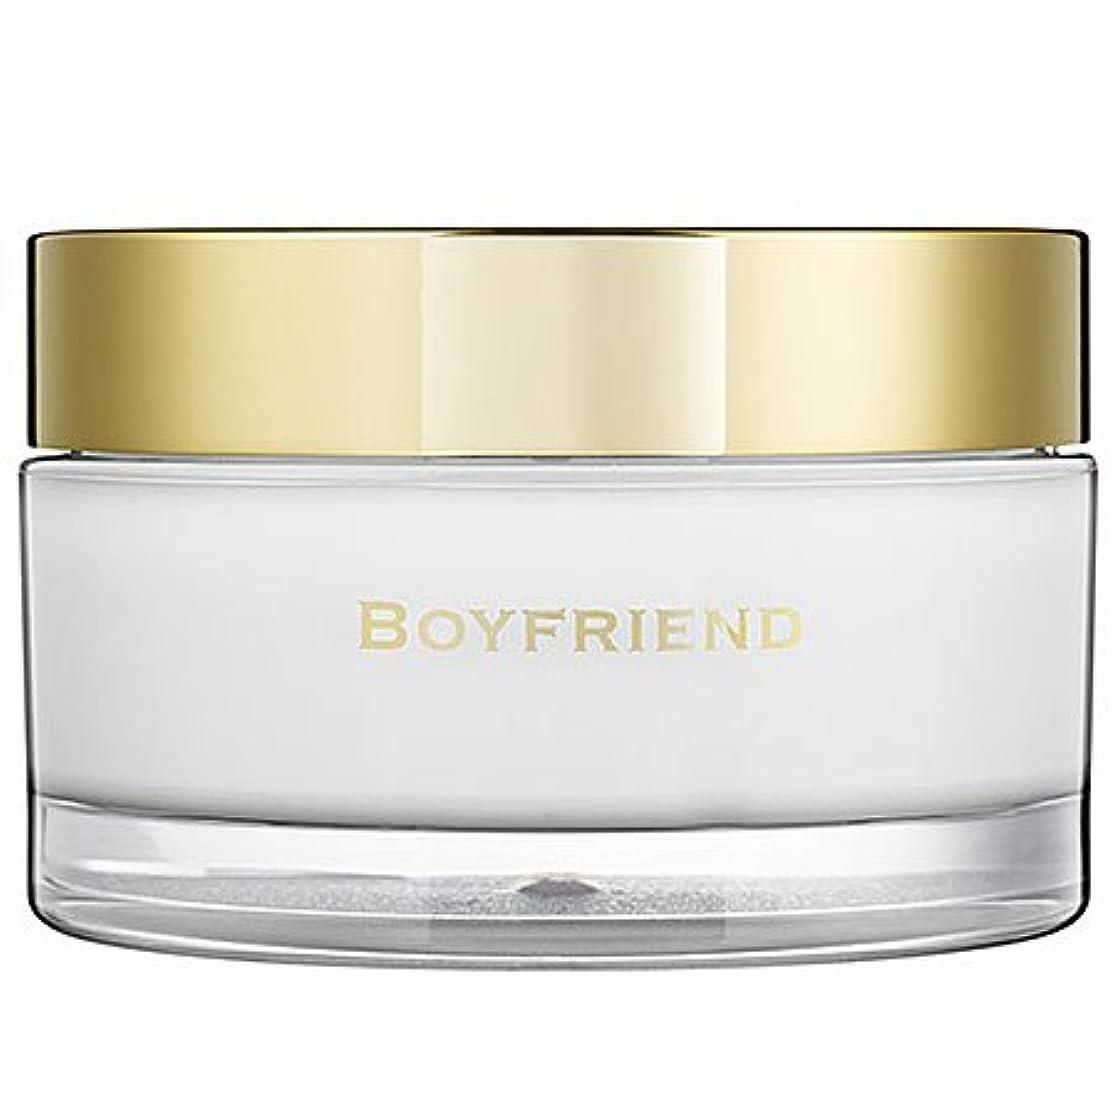 豪華な遠足ビタミンBoyfriend (ボーイフレンド) 6.7 oz (200ml) Body Cream by Kate Walsh for Women